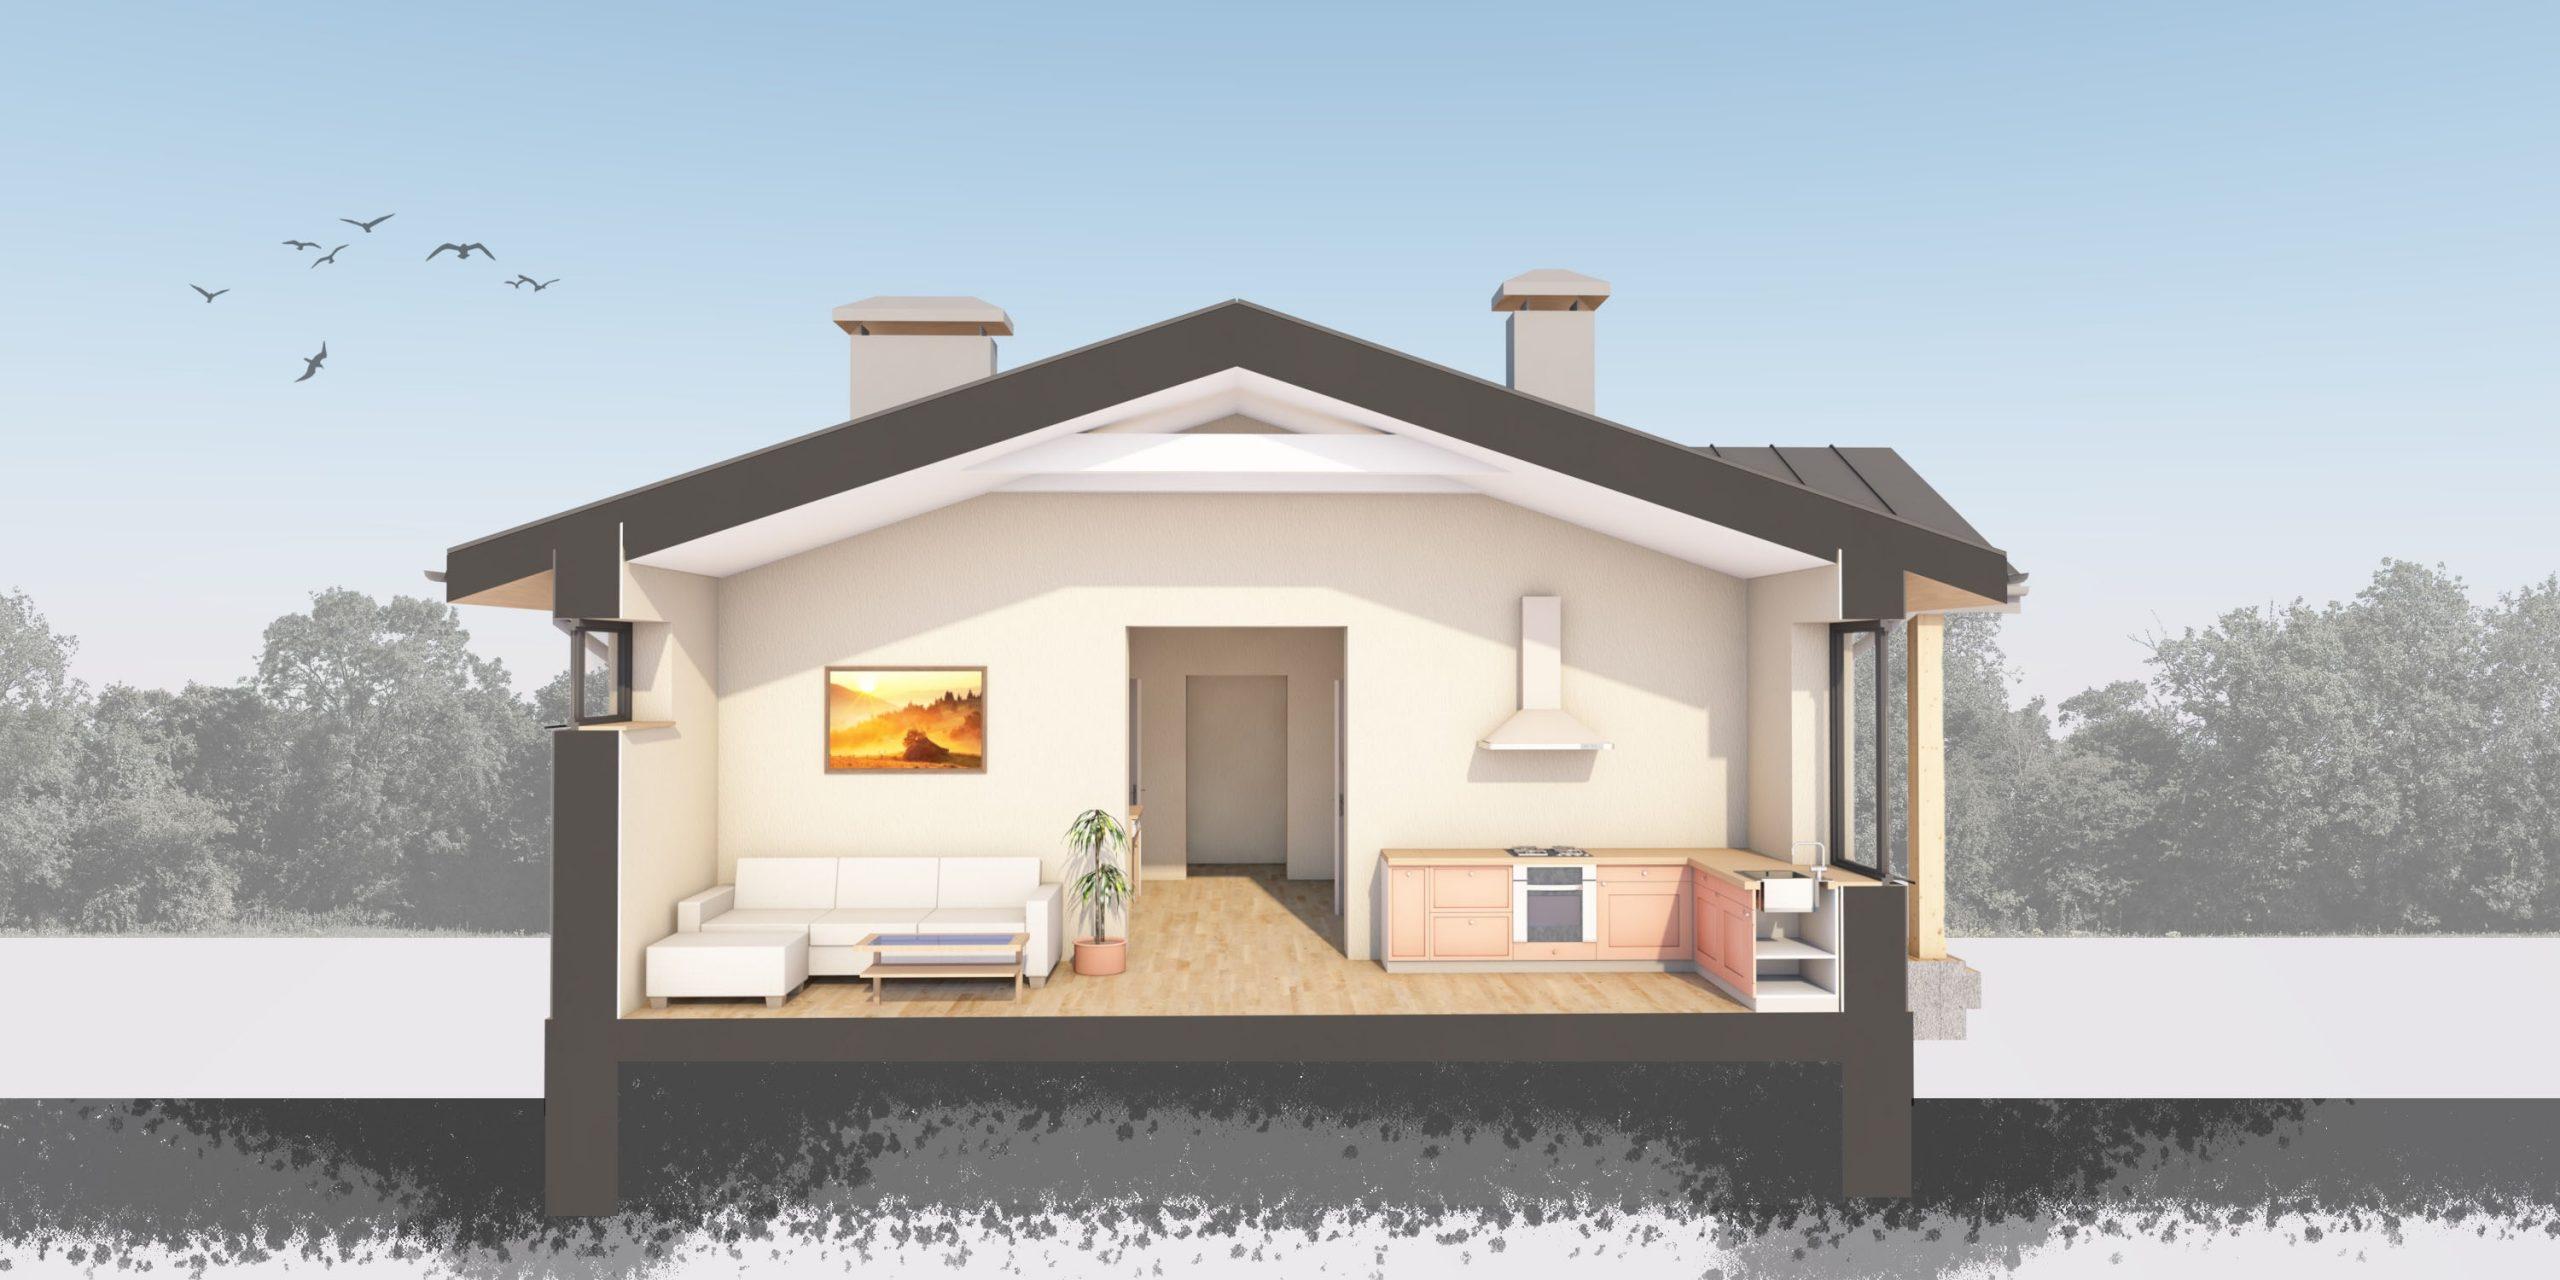 Изображение для проекта Проект небольшого дома по Васту и Фэншуй 1782